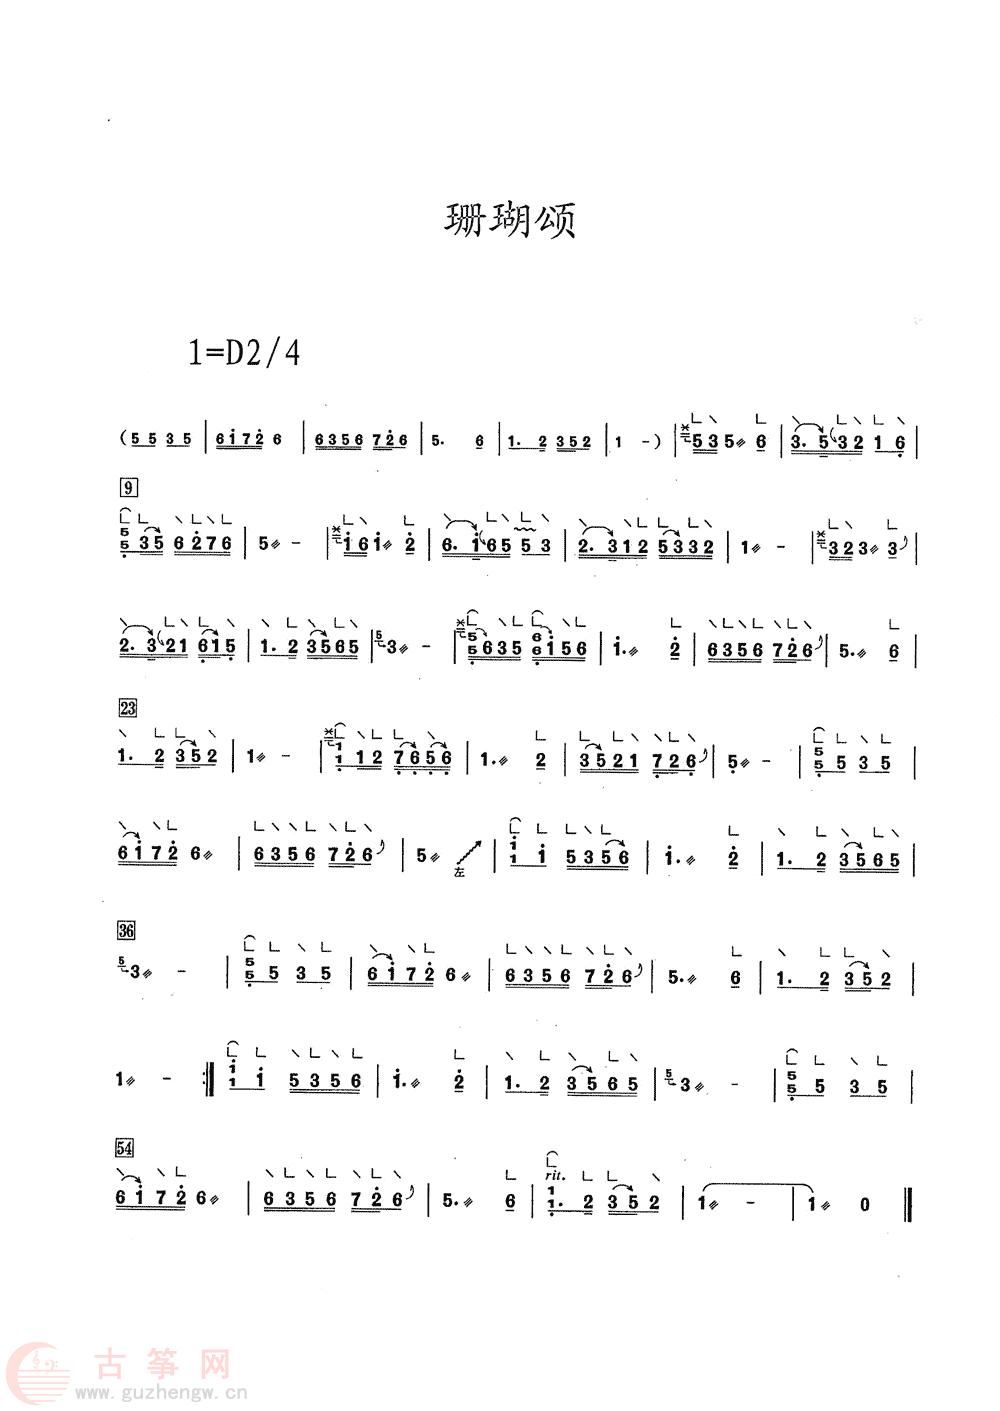 珊瑚颂(d调筝谱) - 流行古筝曲谱 - 中国古筝商城